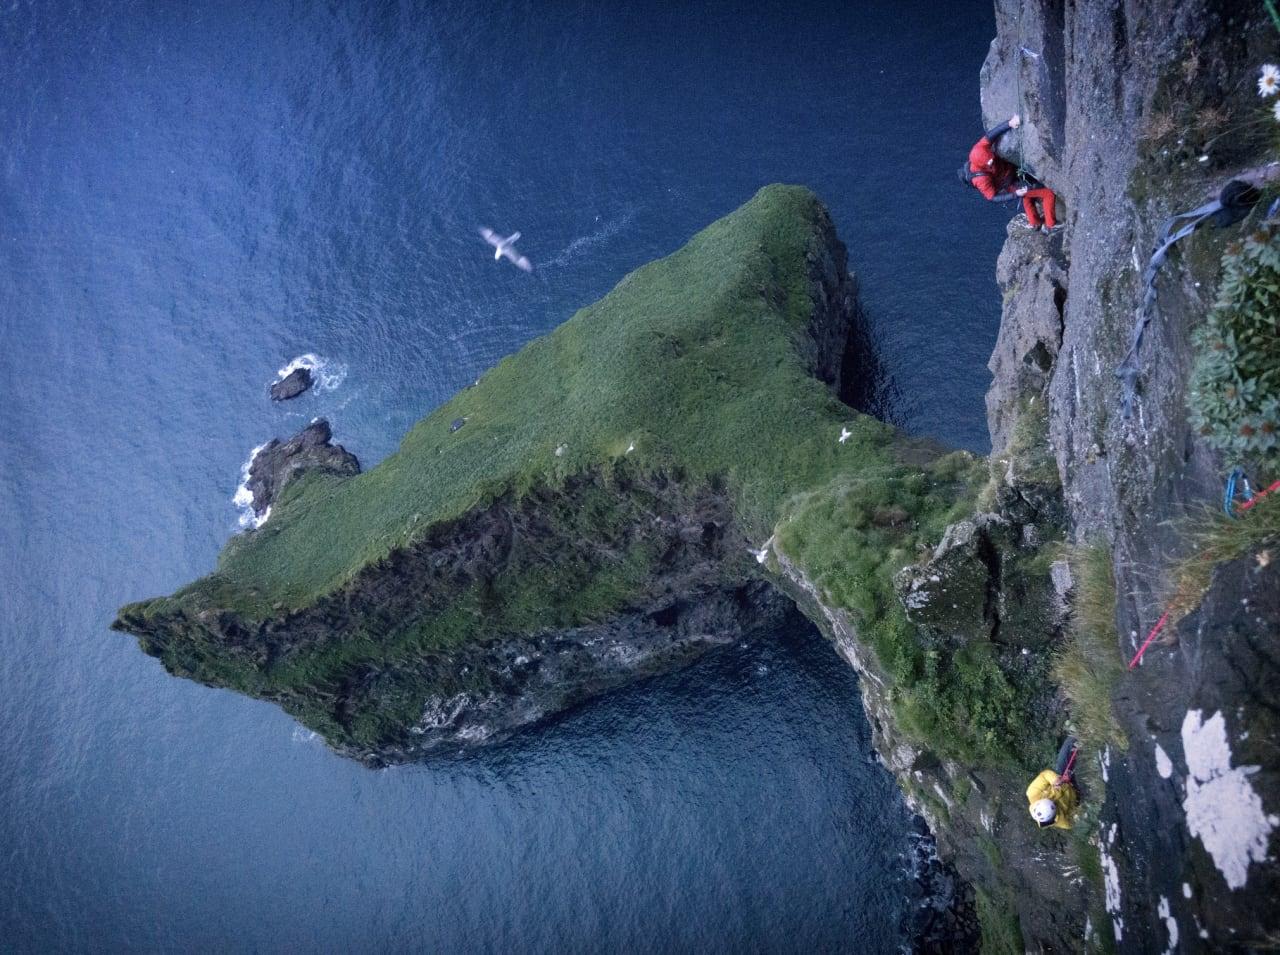 EVENTYR: Yugi Hirayama og James Pearson følger under førstebestigningen av en av verdens høyeste sjøklipper, på Færøyene. Foto: Cedar Wright